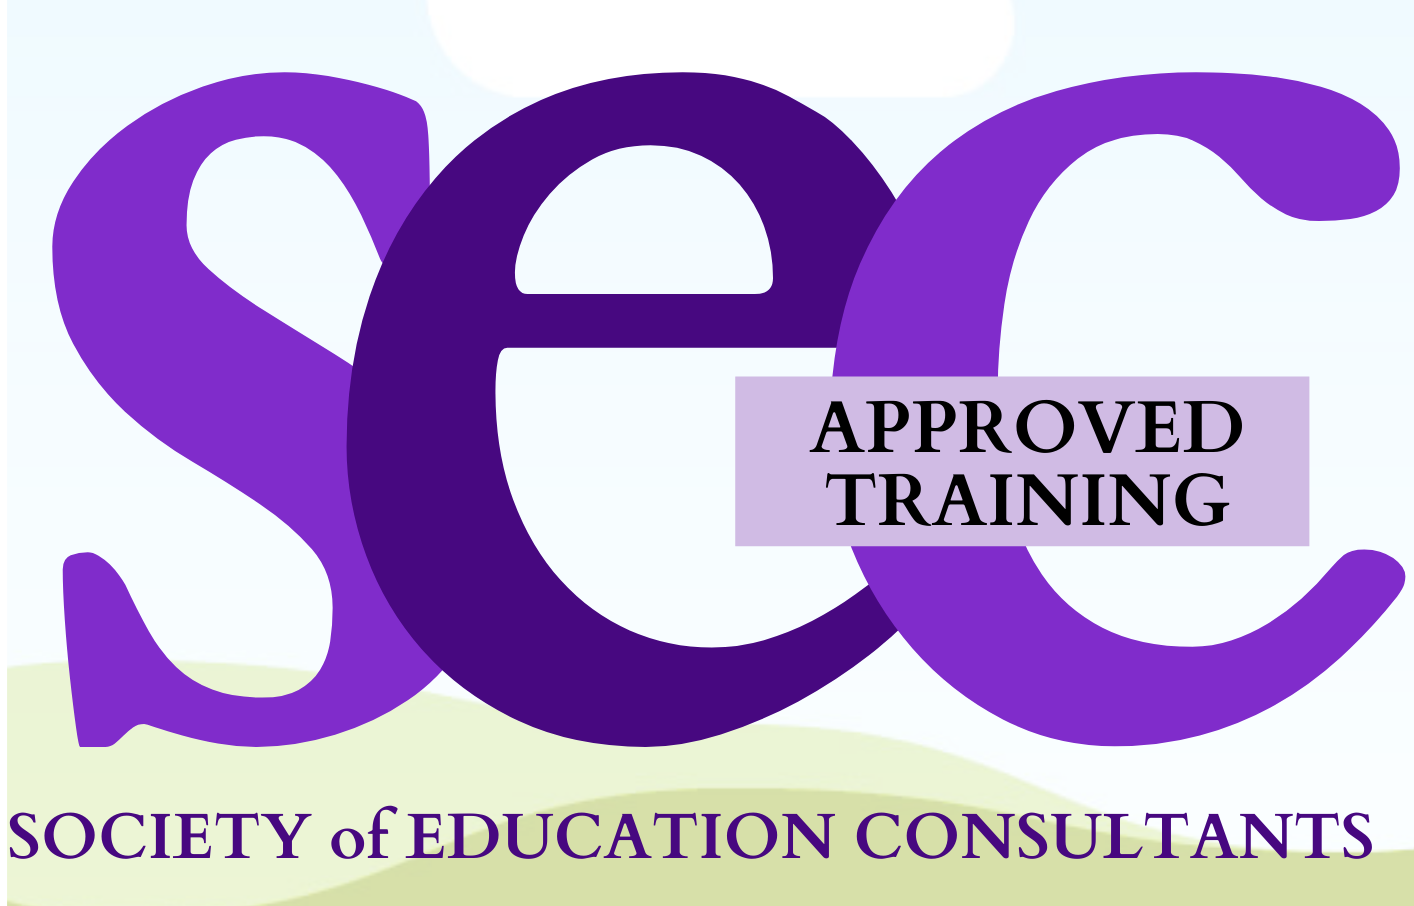 Society of Education Consultants Logo